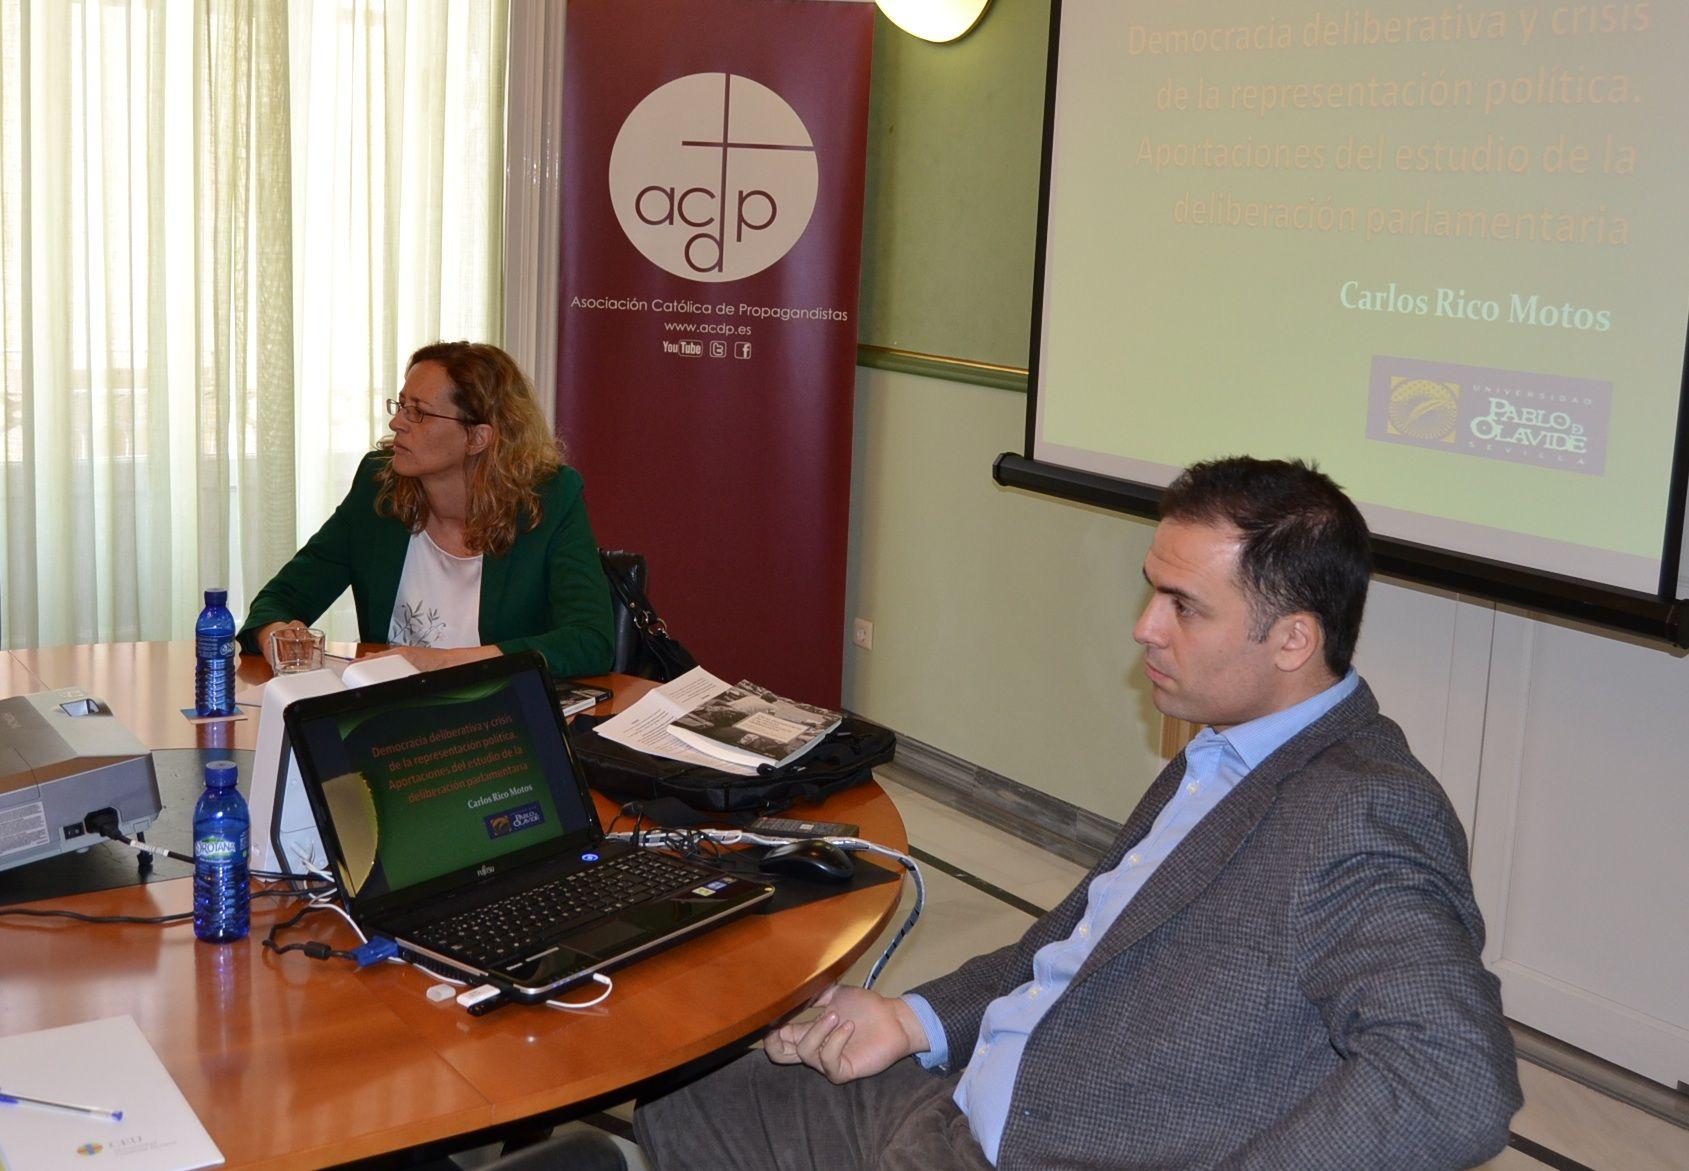 Elena García Guitián, de la Universidad Complutense, y Carlos Rico, de la Universidad Pablo de Olavide, ponentes invitados al Seminario.